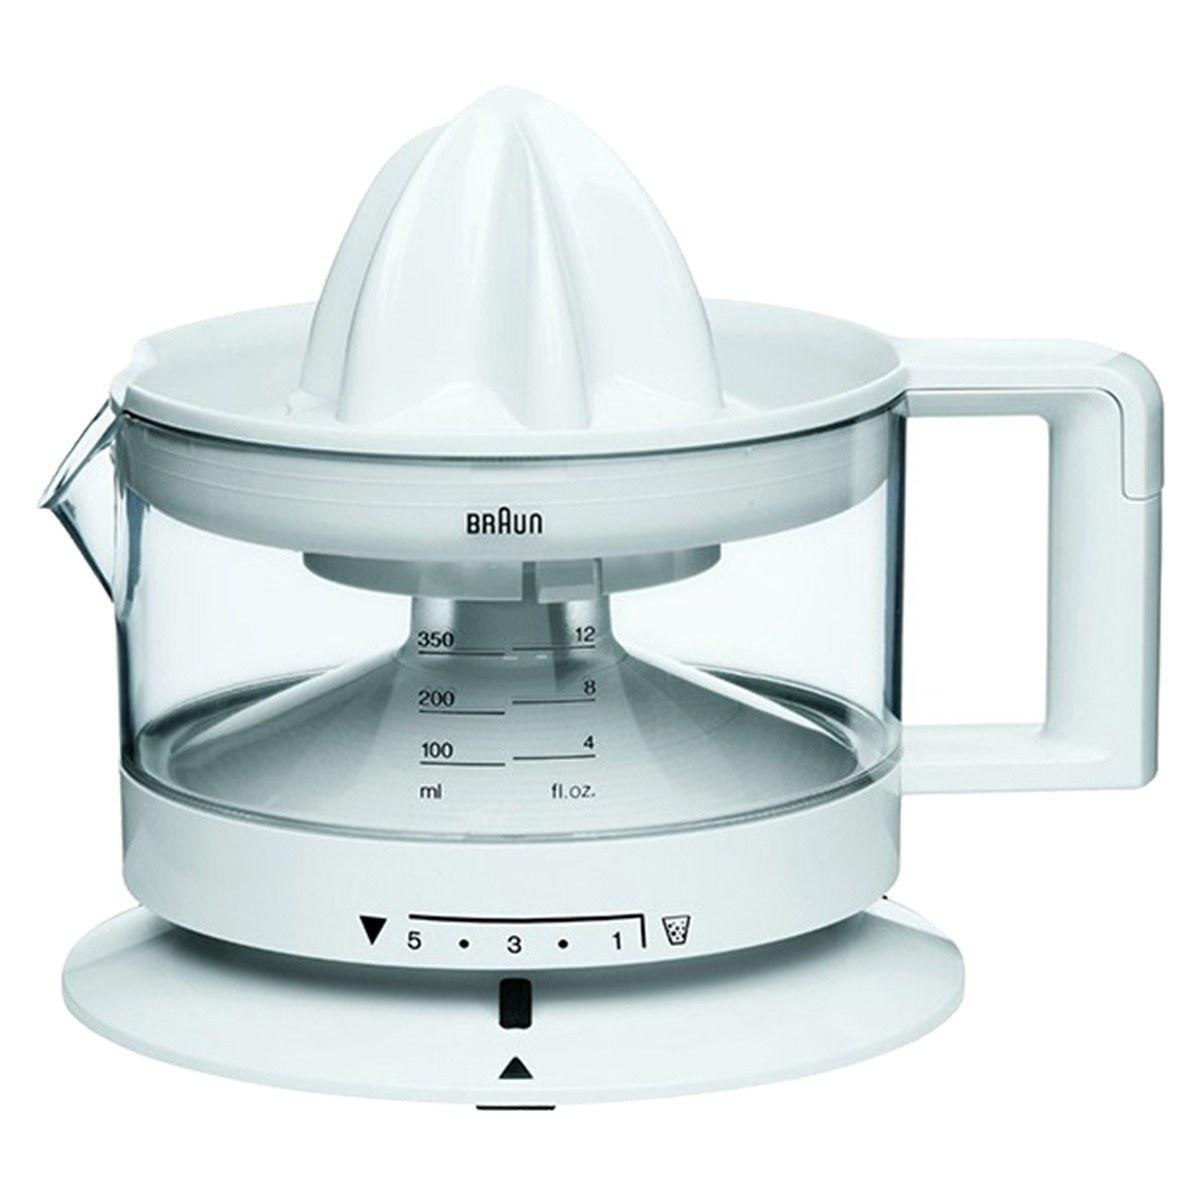 تصویر آب مرکبات گیری براون مدل BRAUN CJ3000 BRAUN Citrus Press CJ3000